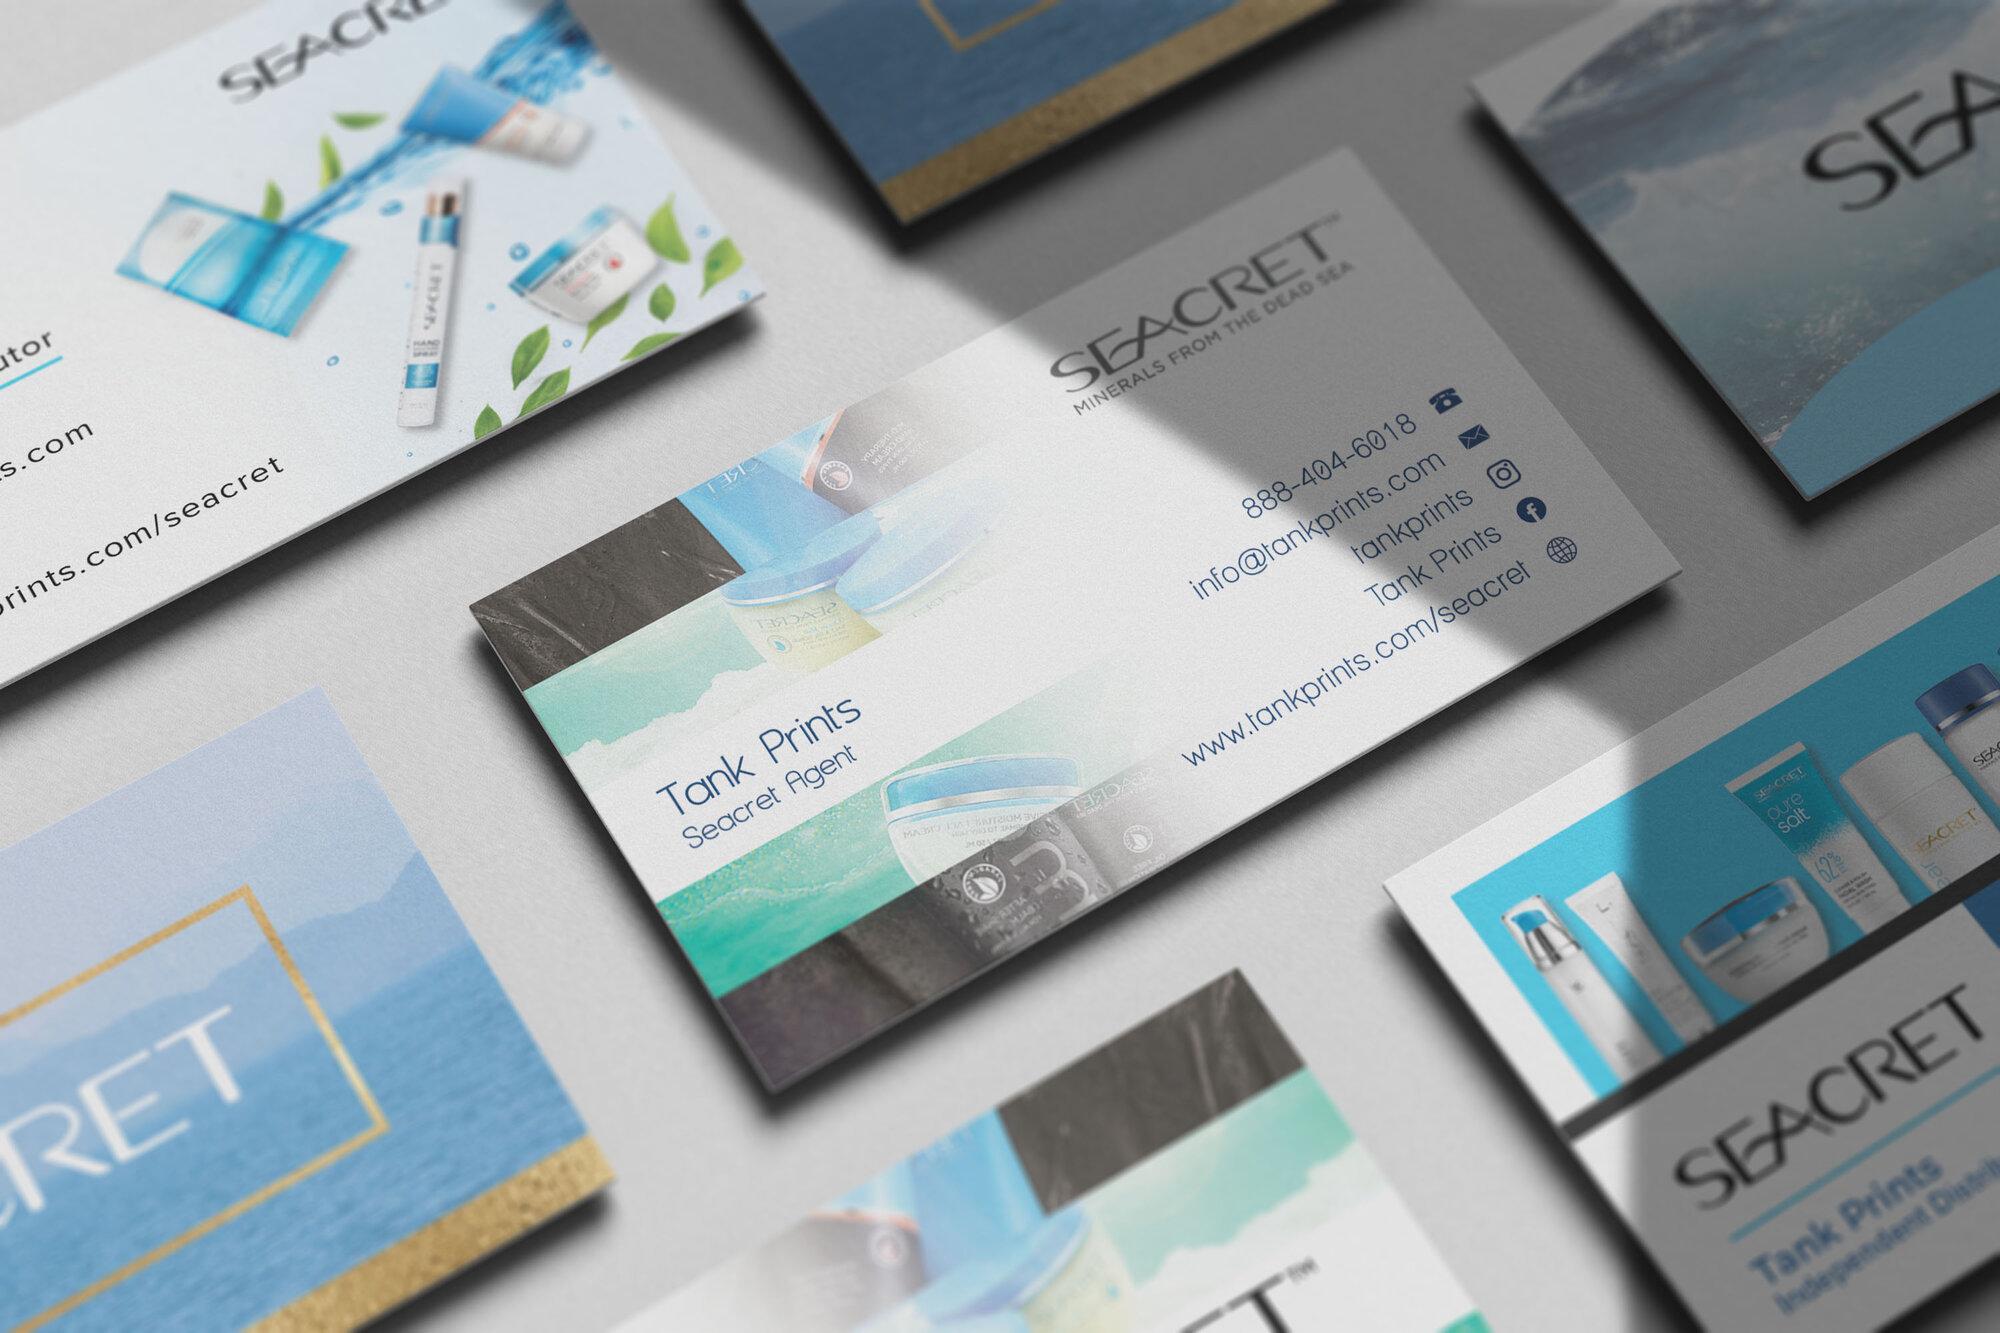 Seacret Business Cards